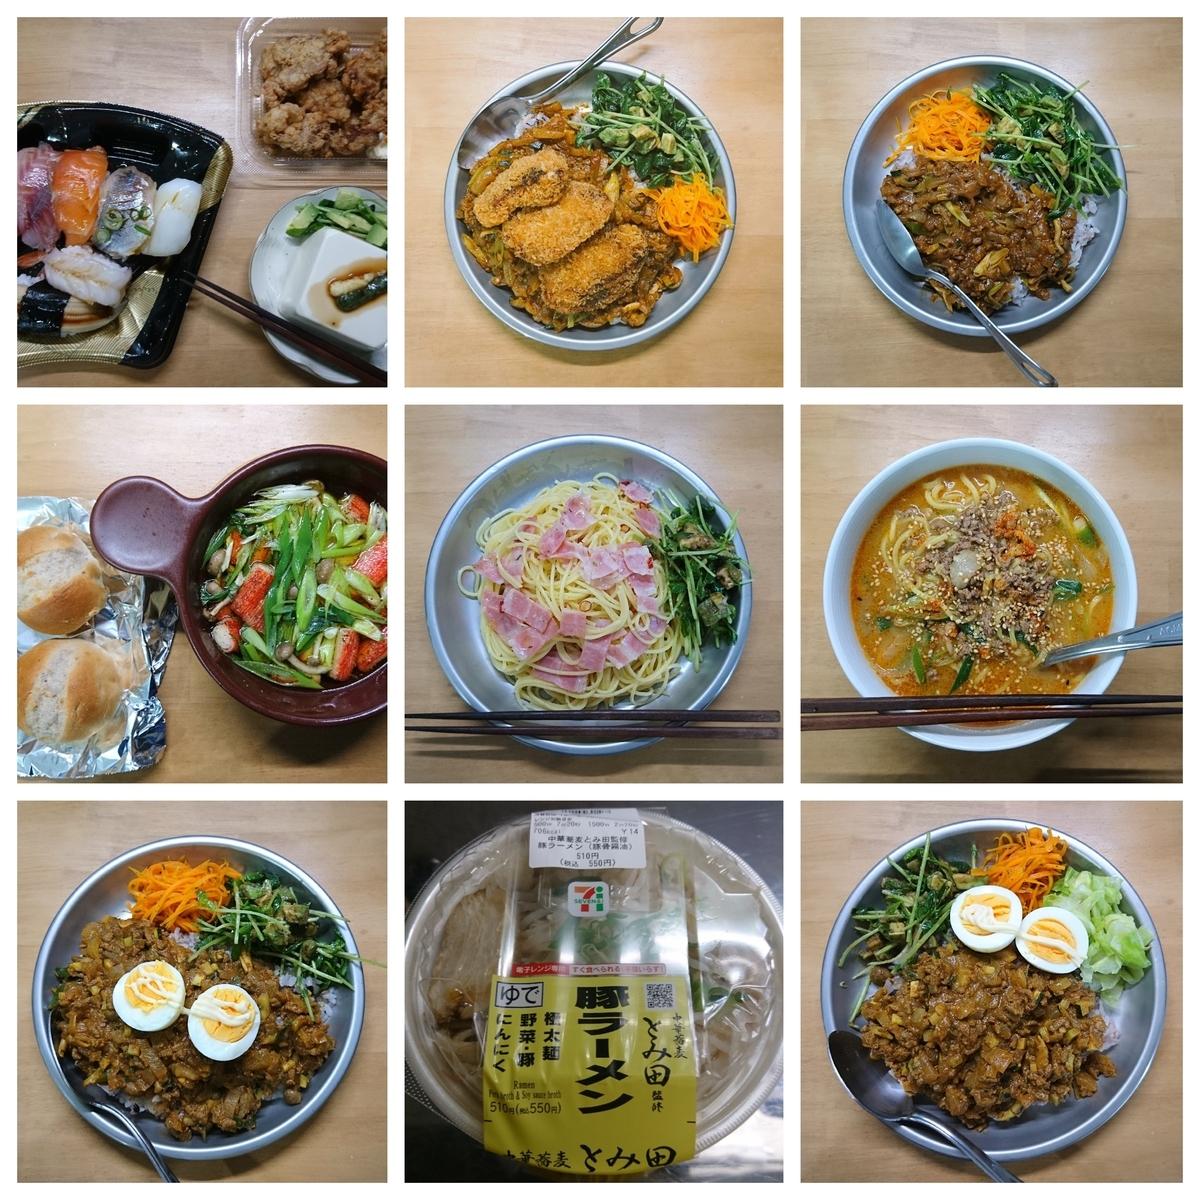 f:id:nichijo-ni-ikiru:20190707033934j:plain